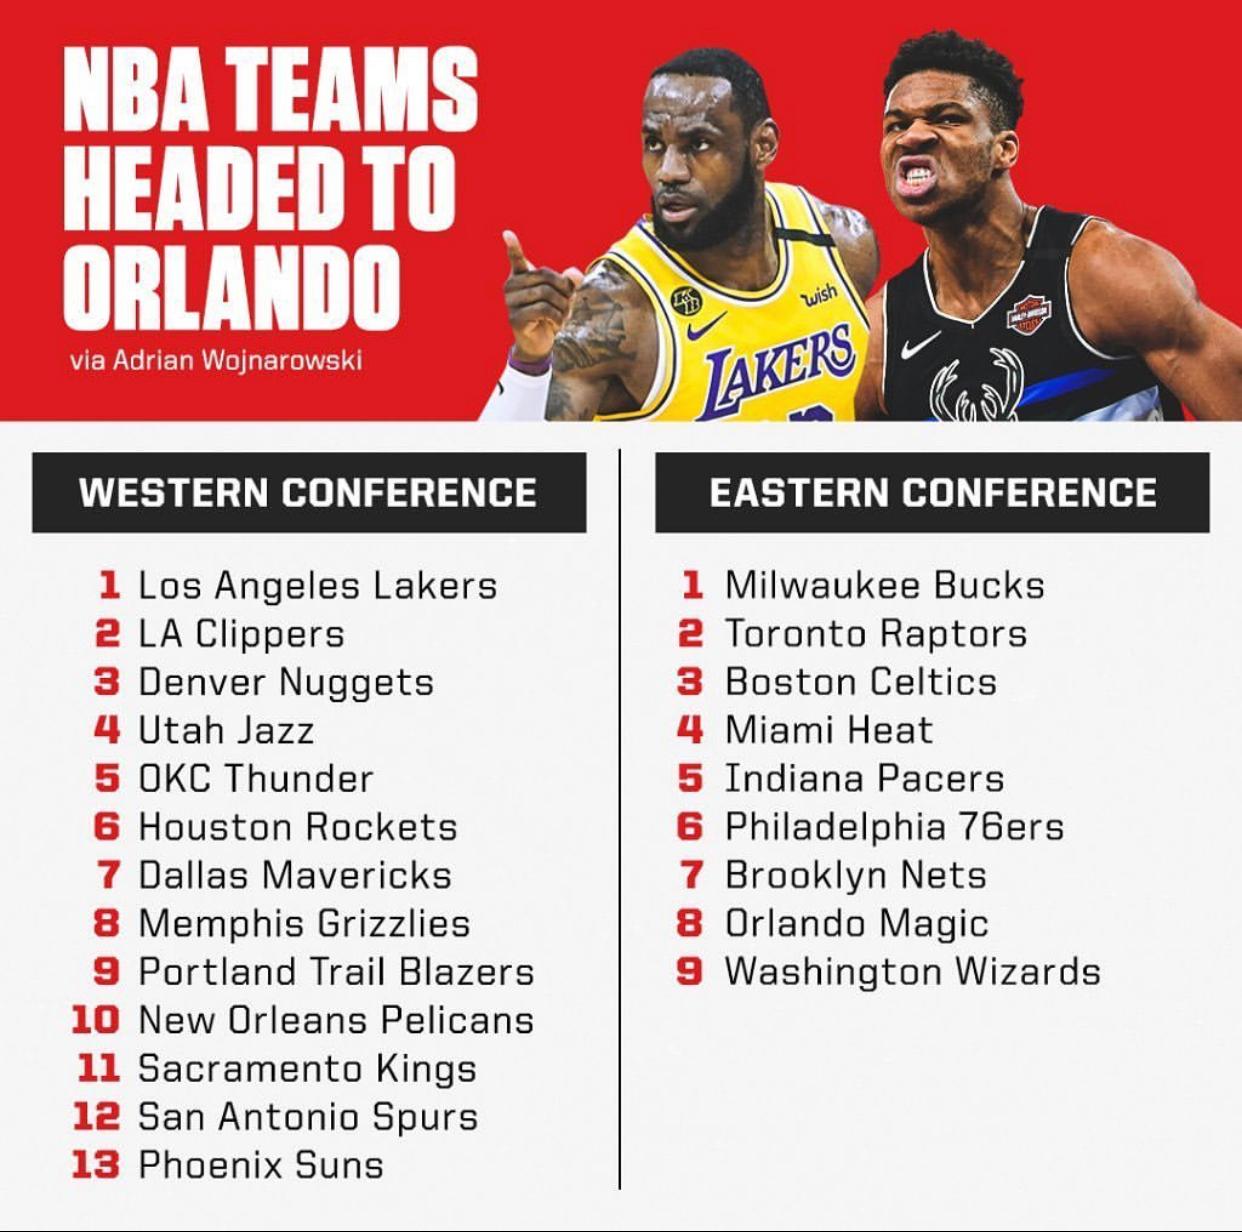 12队锁定NBA季后赛 西部第8争夺最激烈图片